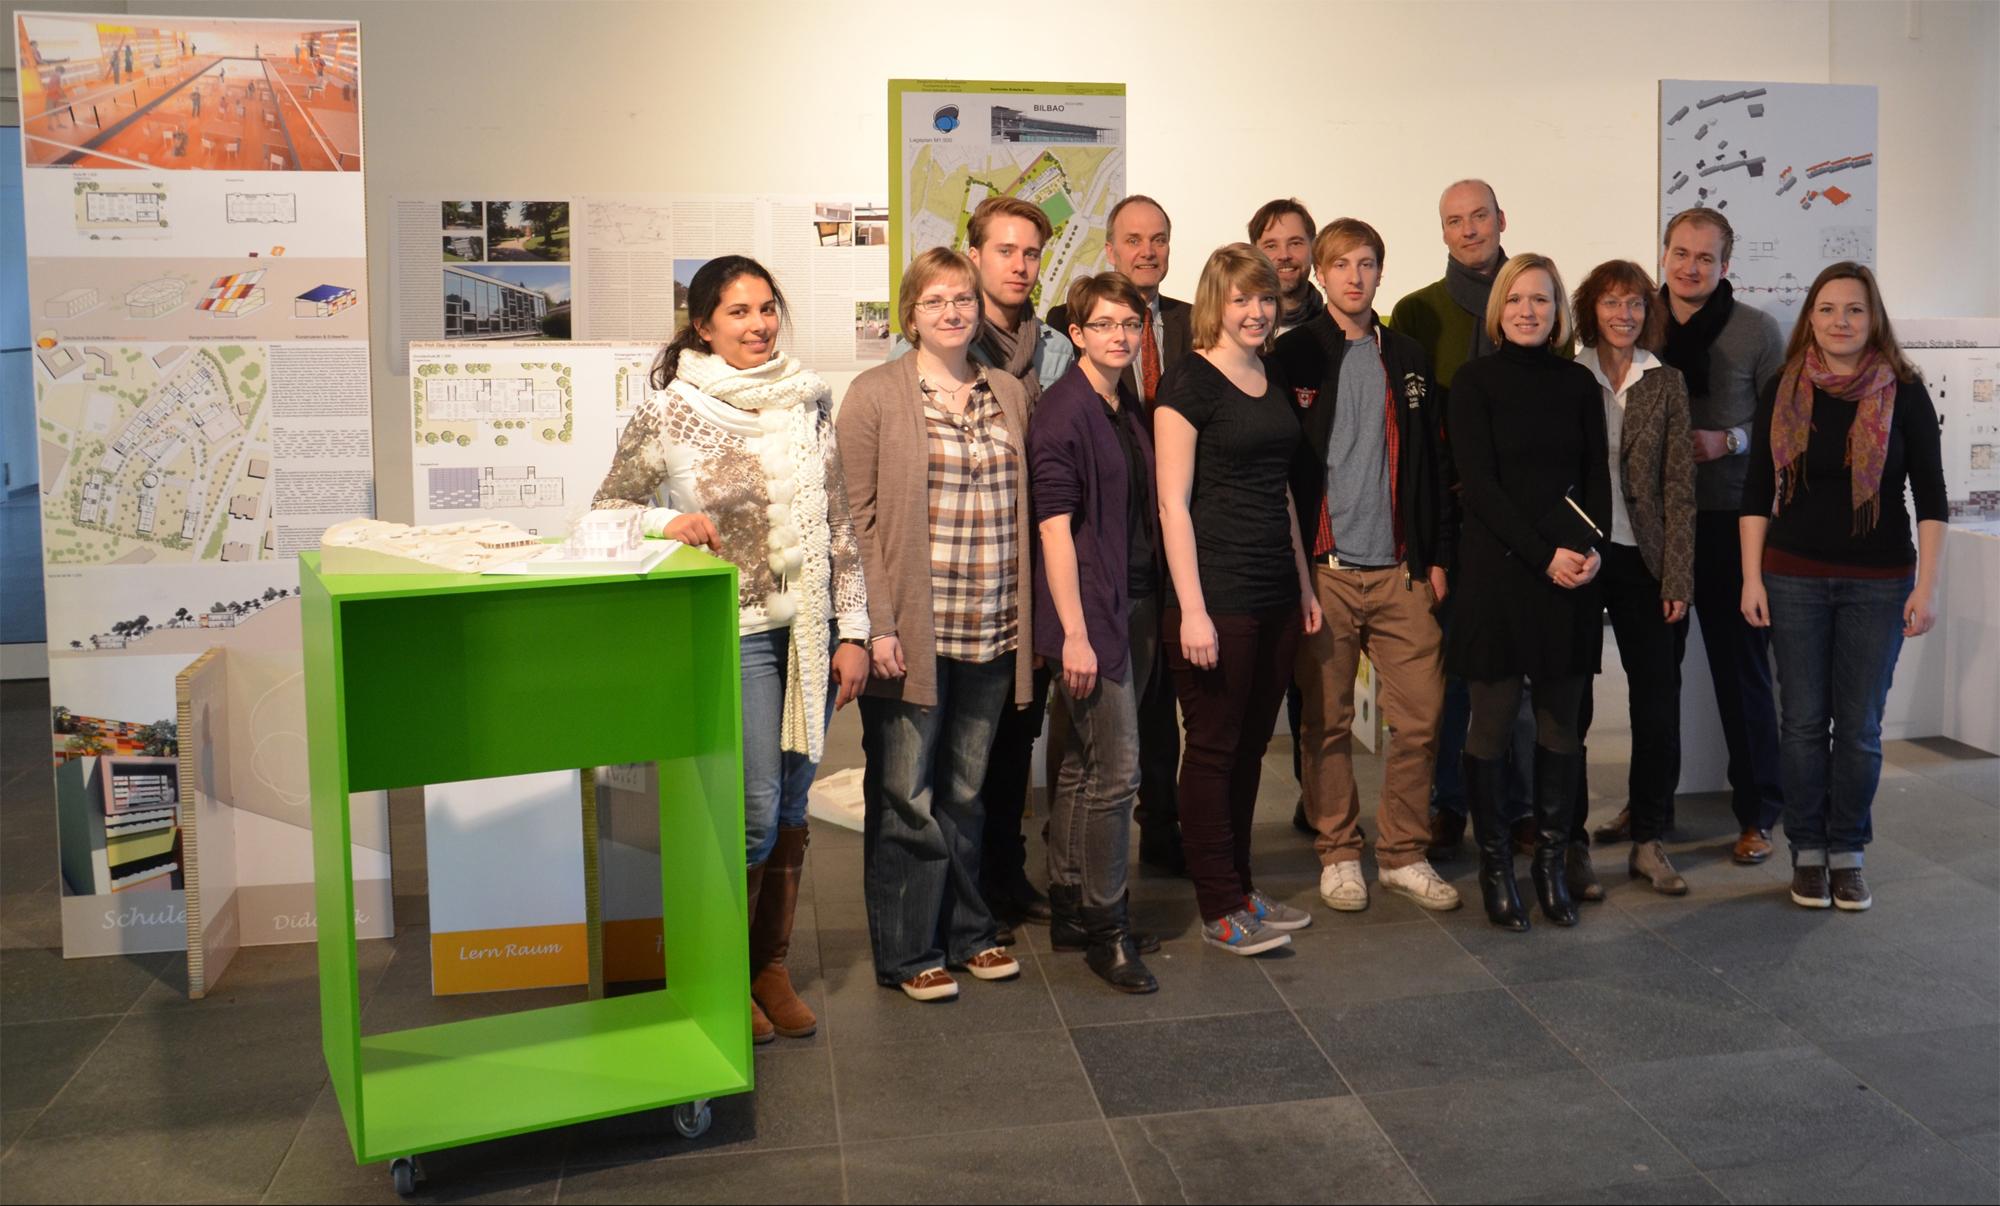 Architekten Wuppertal medieninformationen presse und öffentlichkeitsarbeit bergische